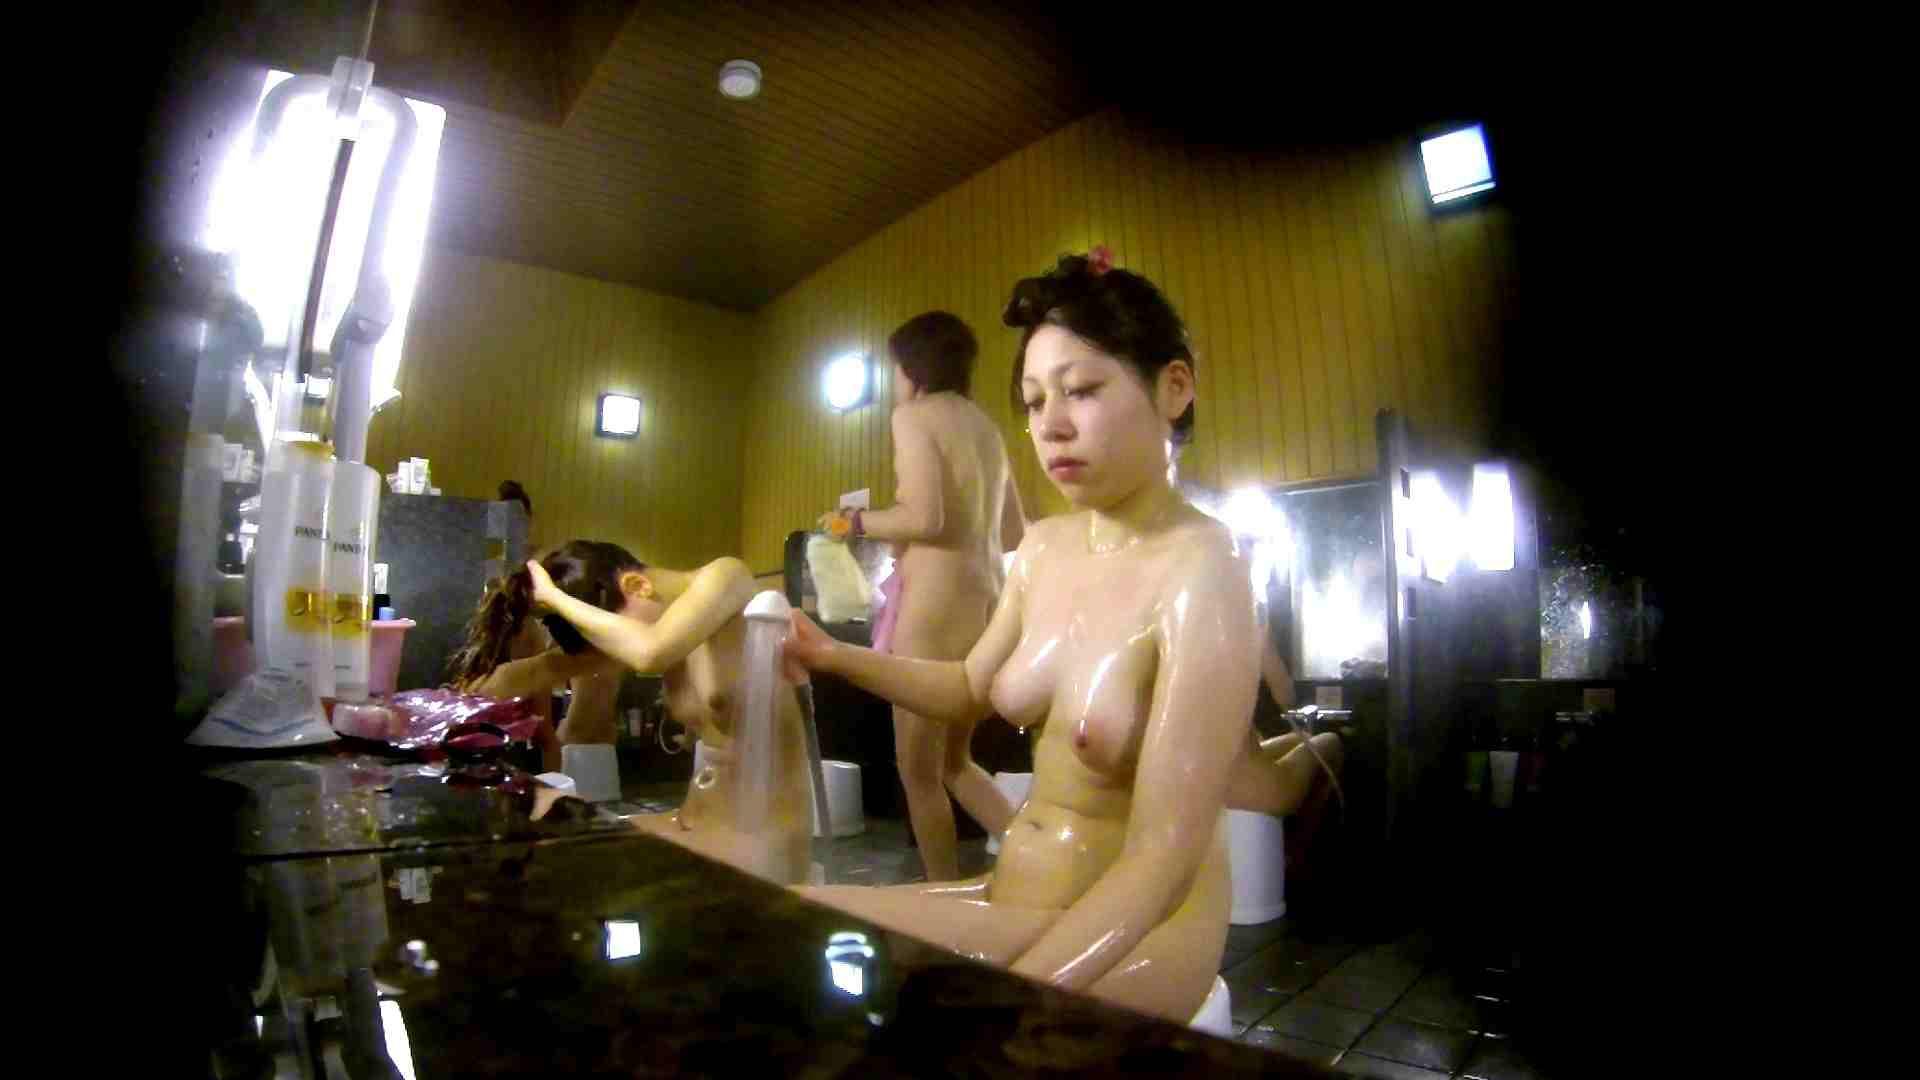 洗い場!柔らかそうな身体は良いけど、歯磨きが下品です。 銭湯   潜入  67連発 5